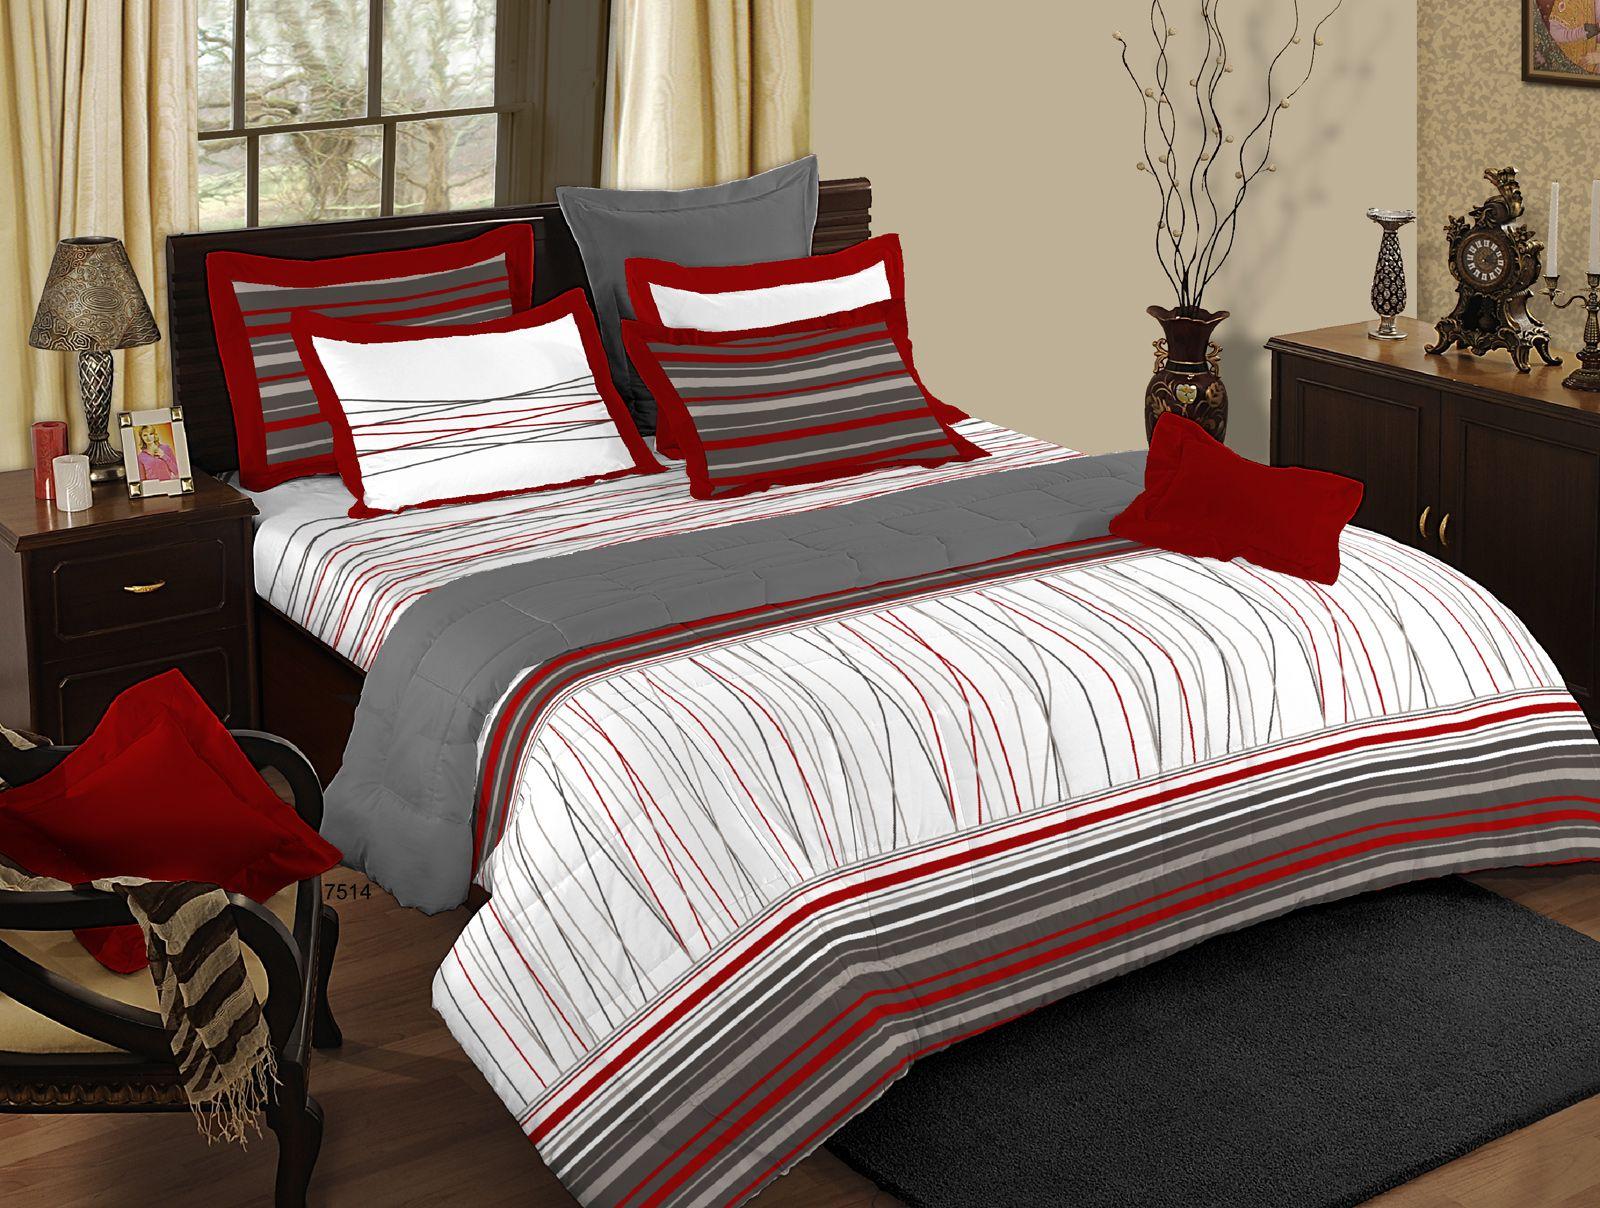 bed sheets AKWTLOX